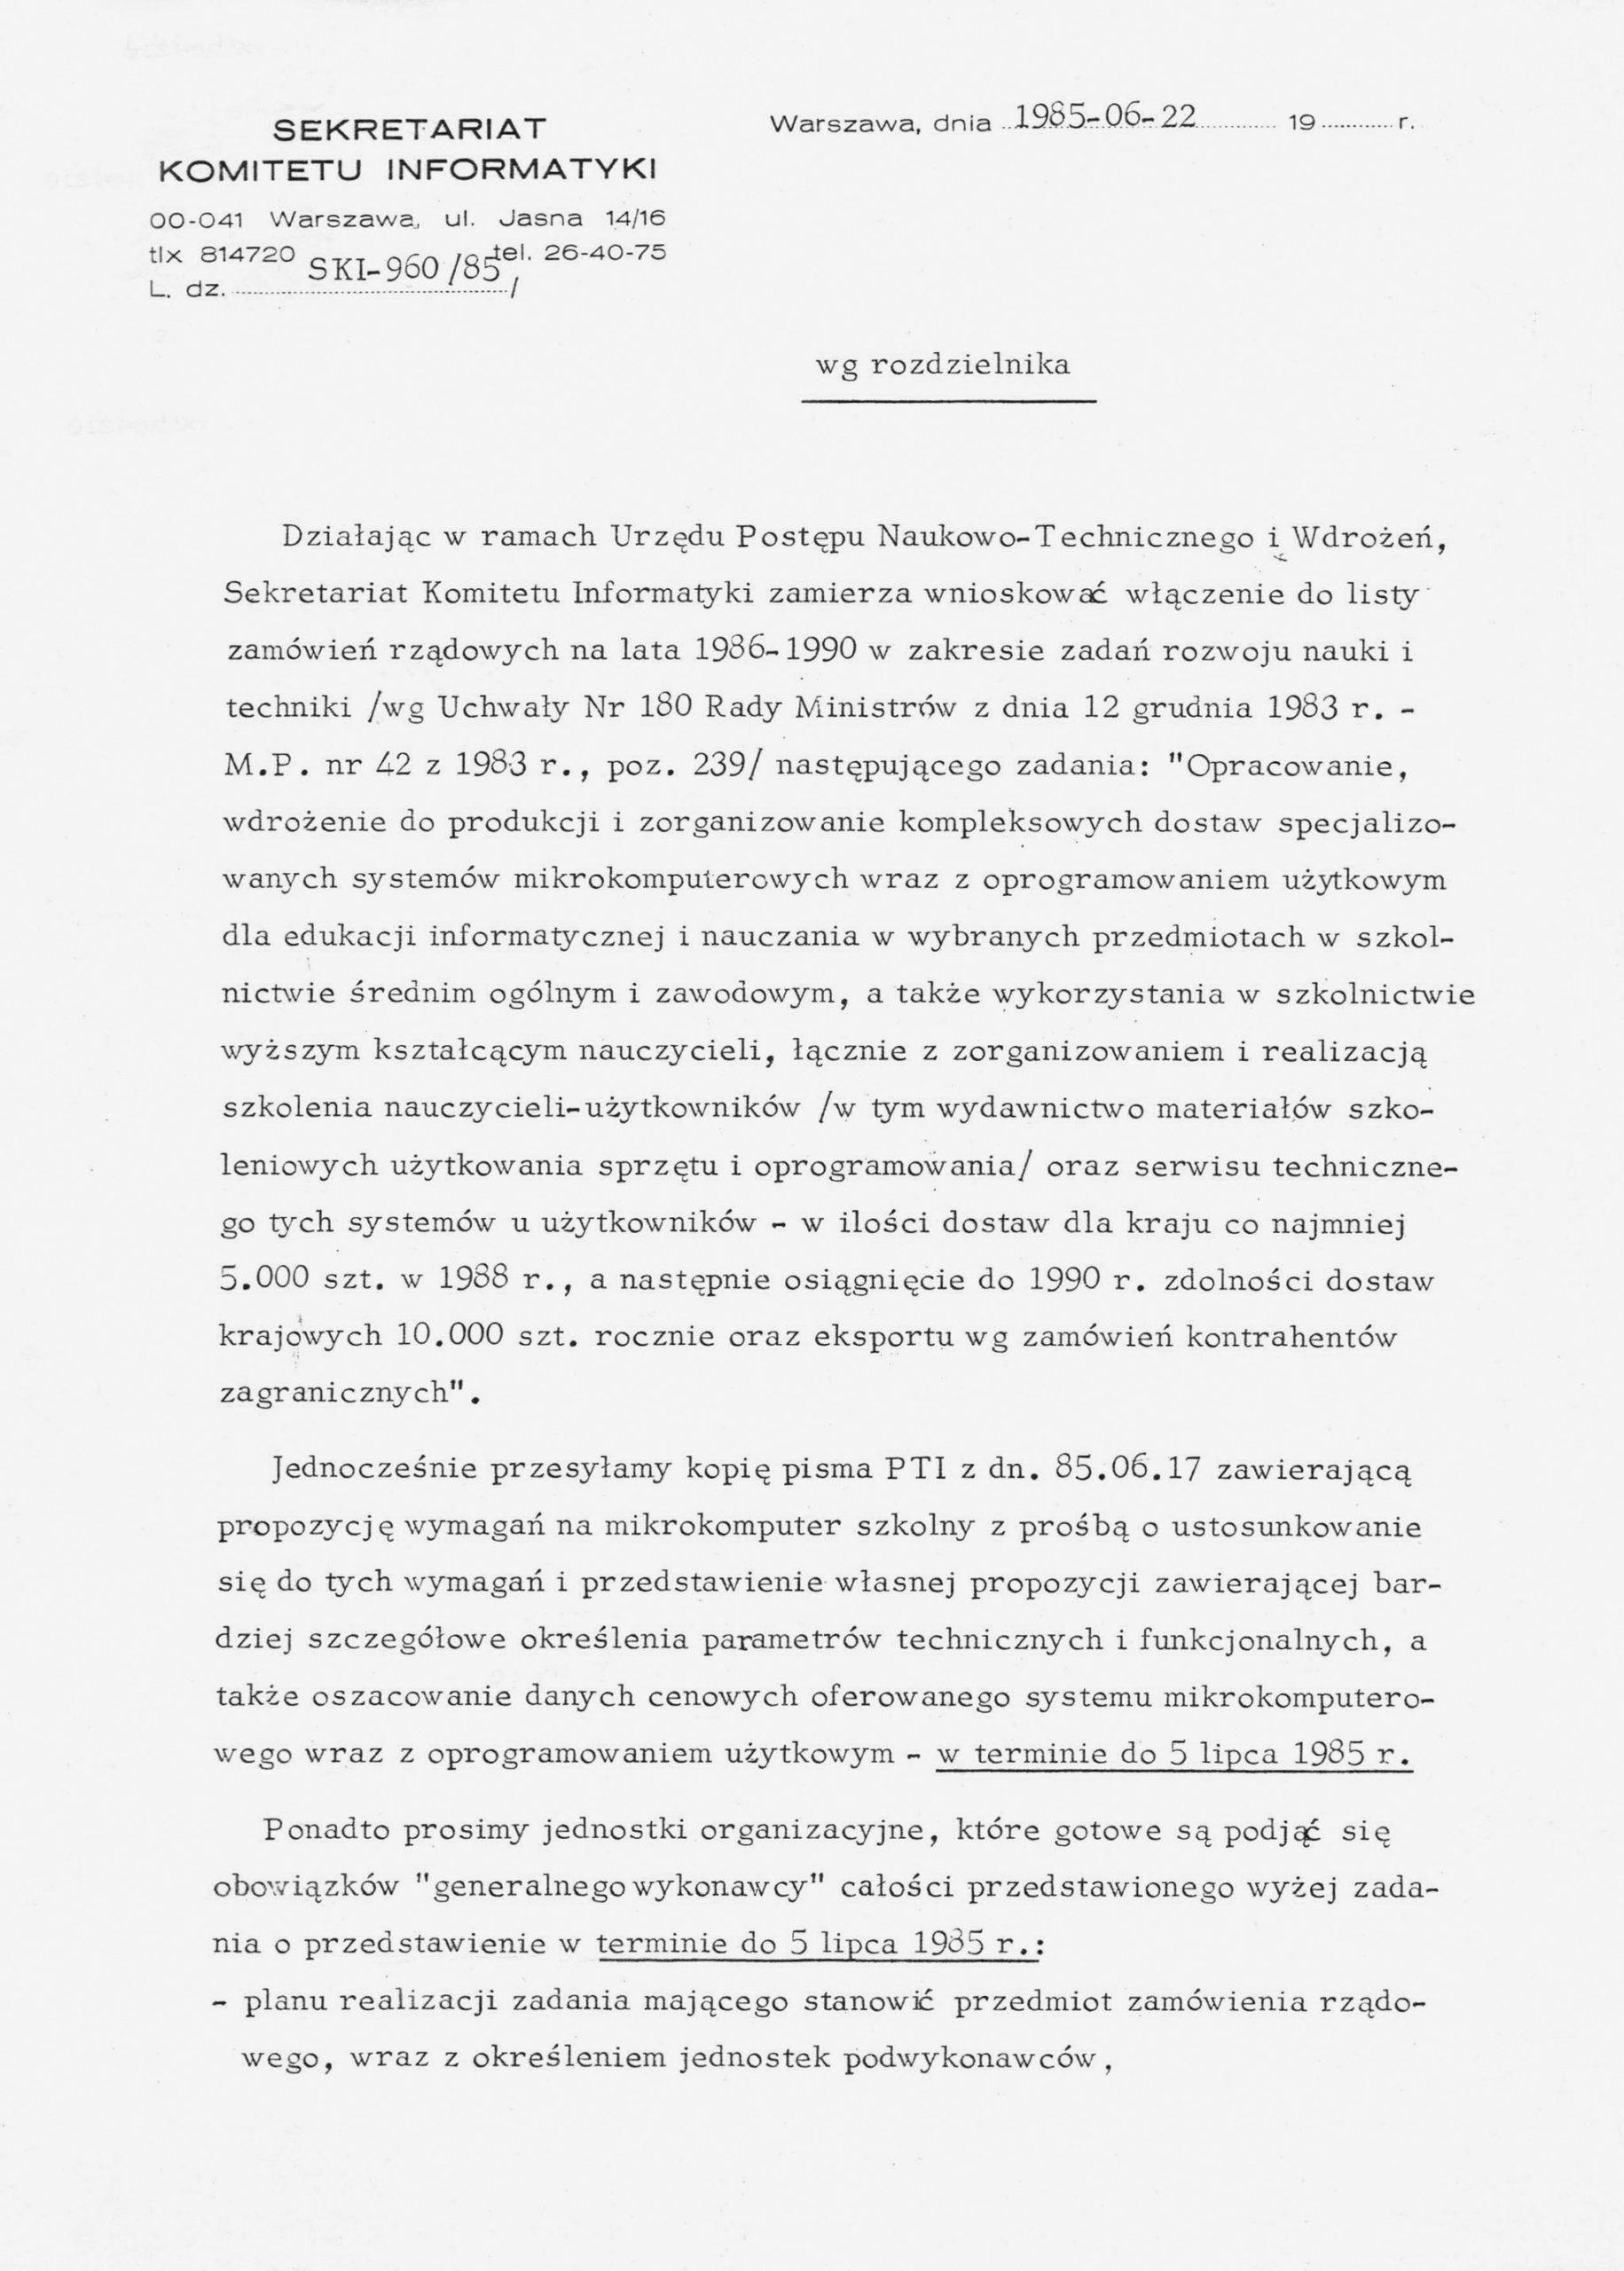 Pismo Sekretariatu Komitetu Informatyki zlecające opracowanie iwdrożenie doprodukcji mikrokomputera szkolnego